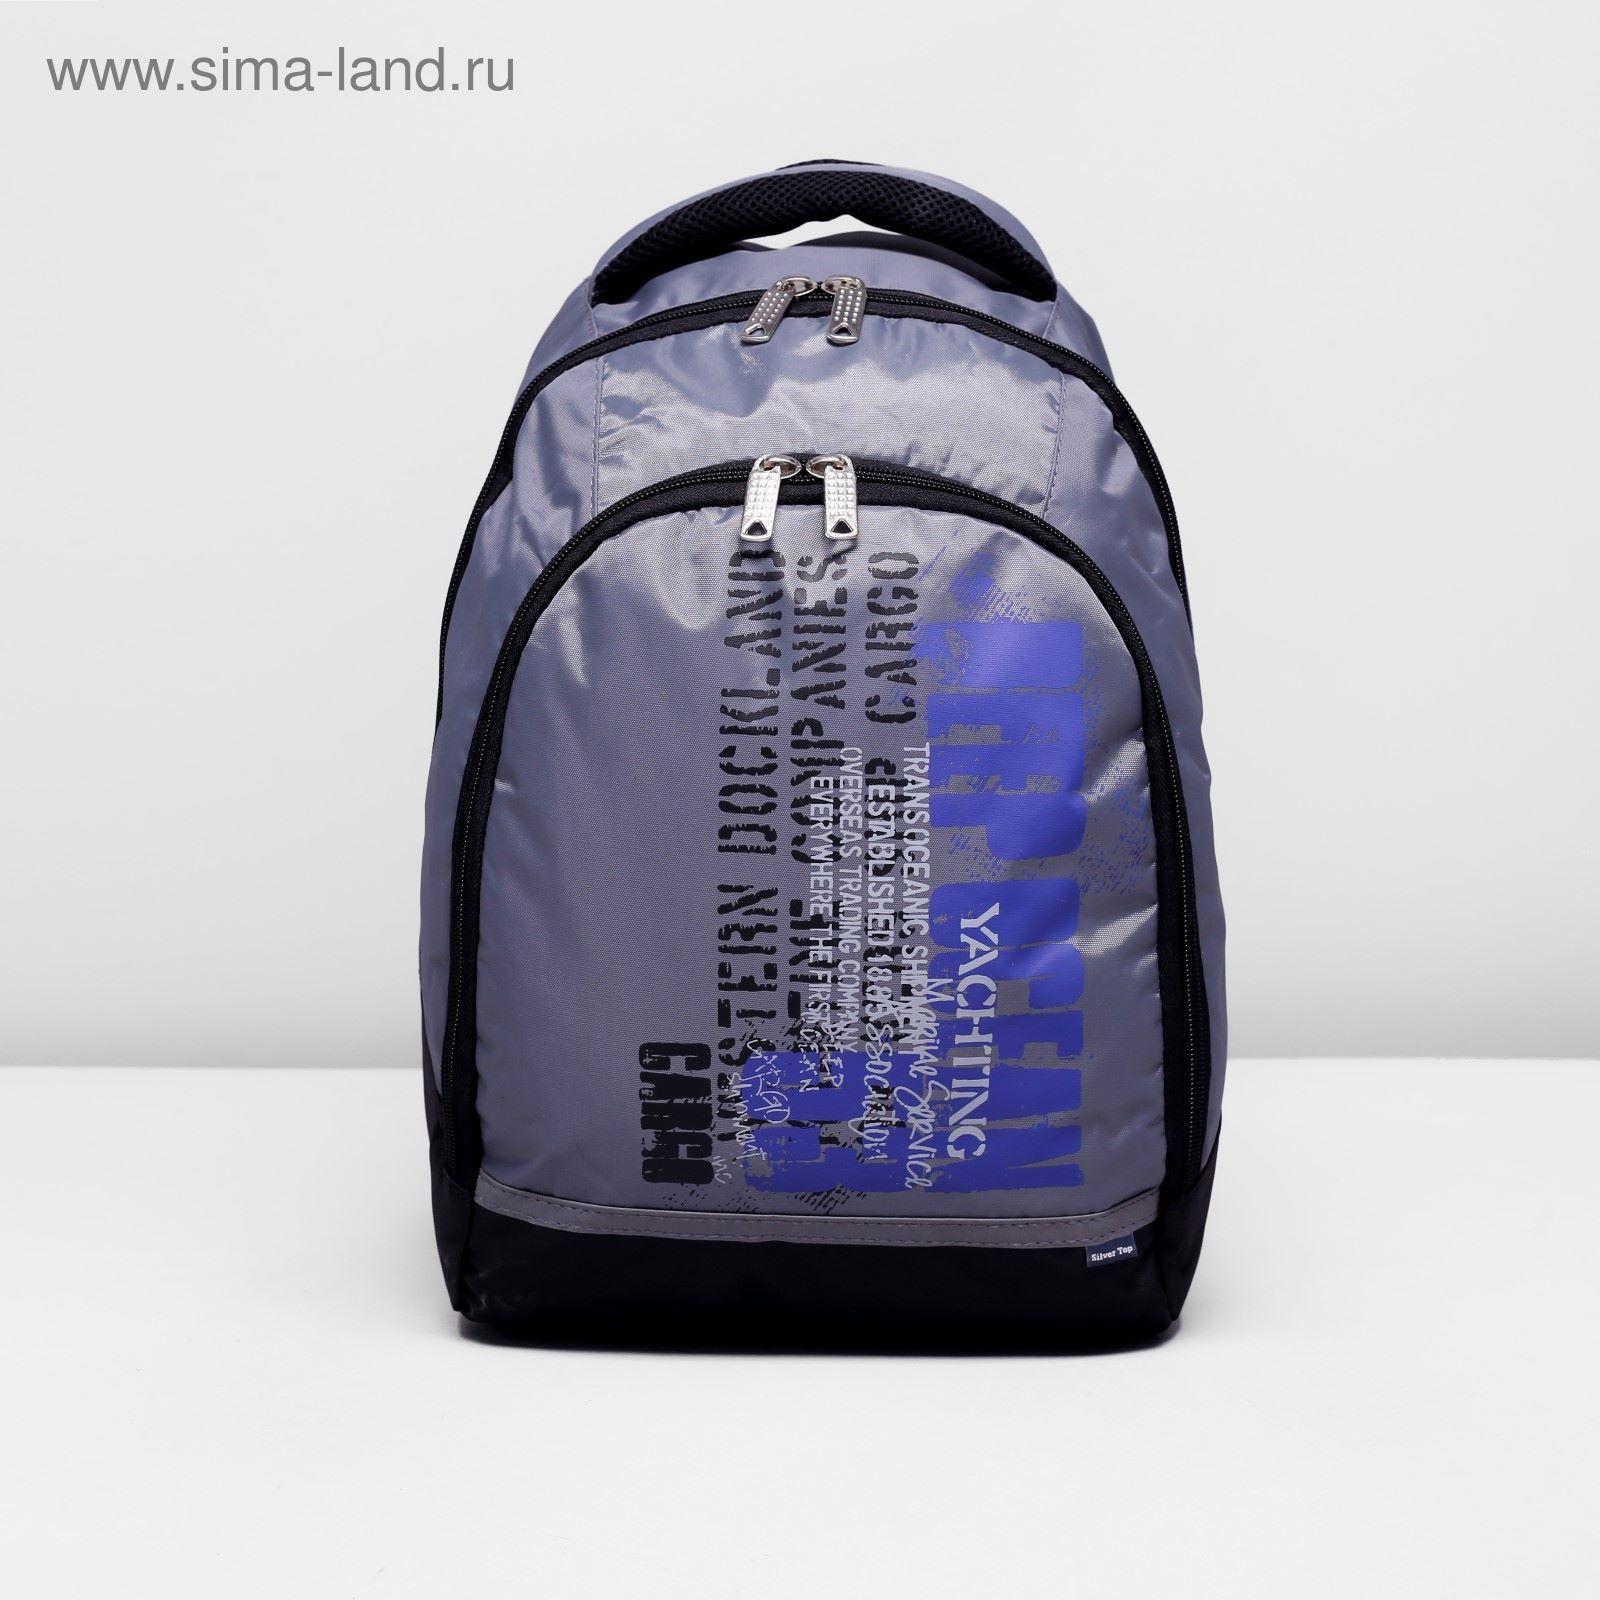 2da3291c0ab1 Рюкзак на молнии